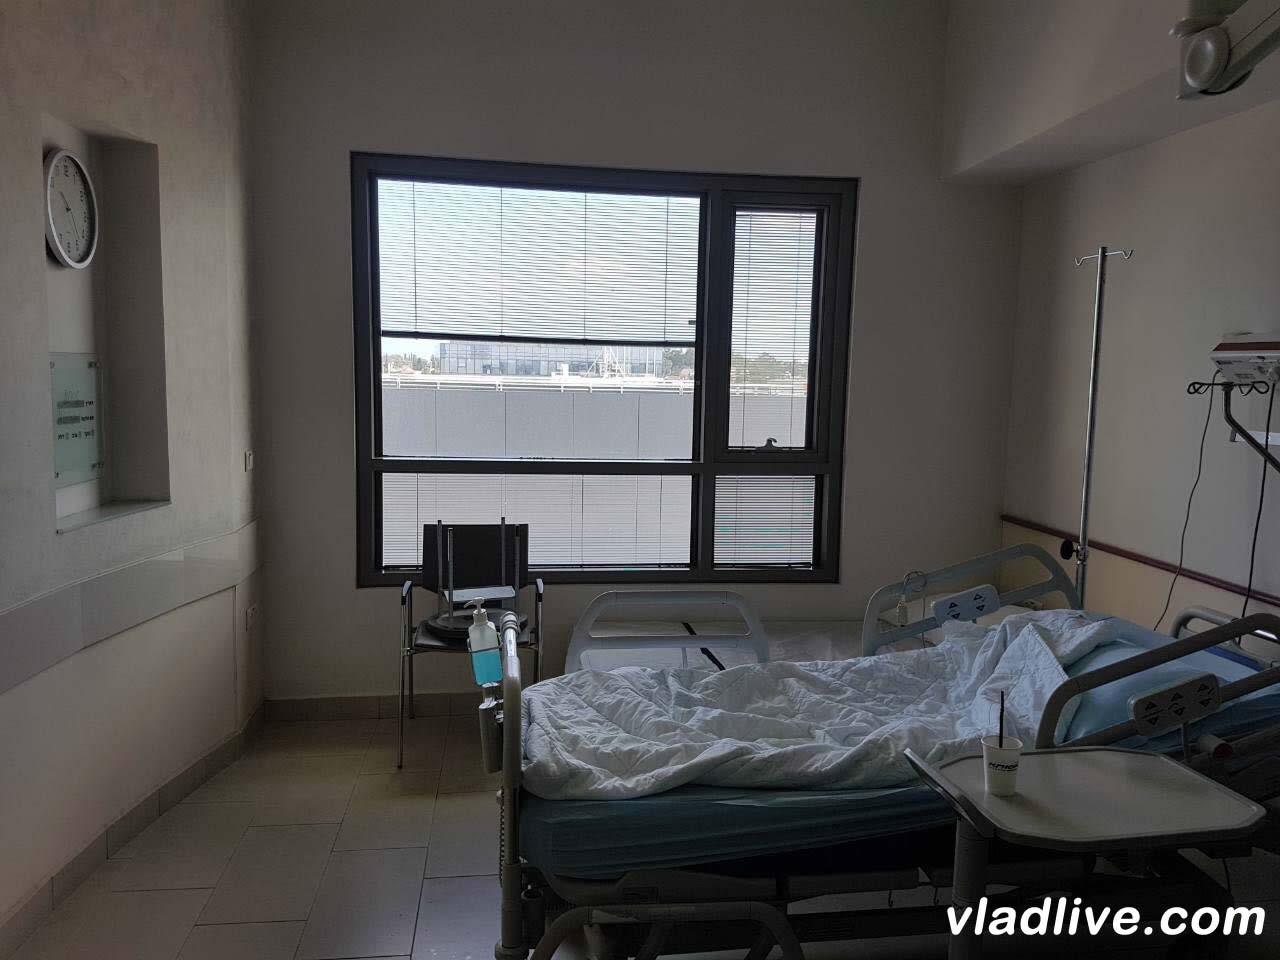 Клиника Ассута. Палата. Фото